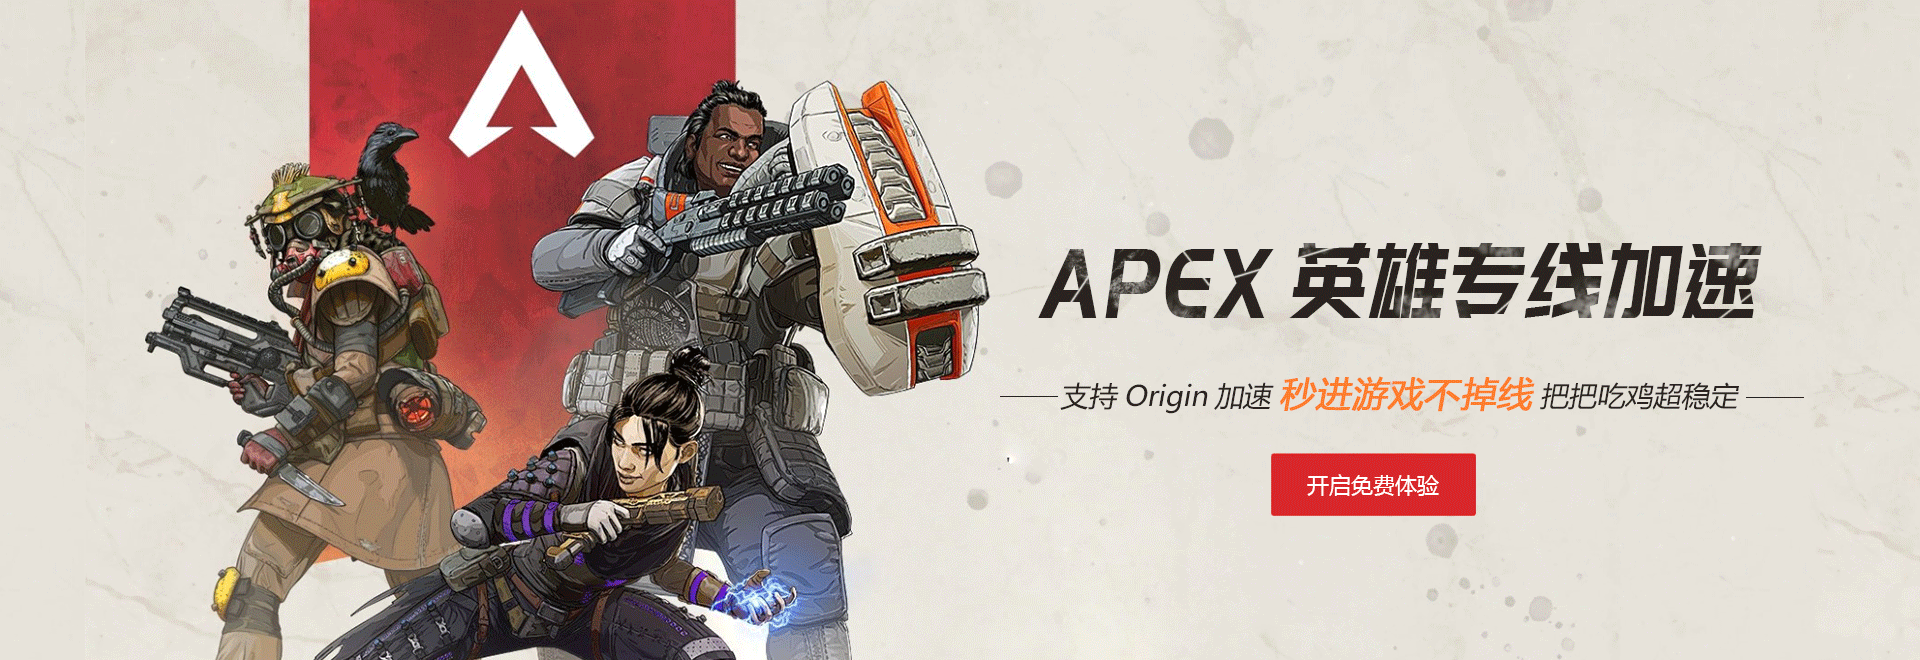 Apex加速器